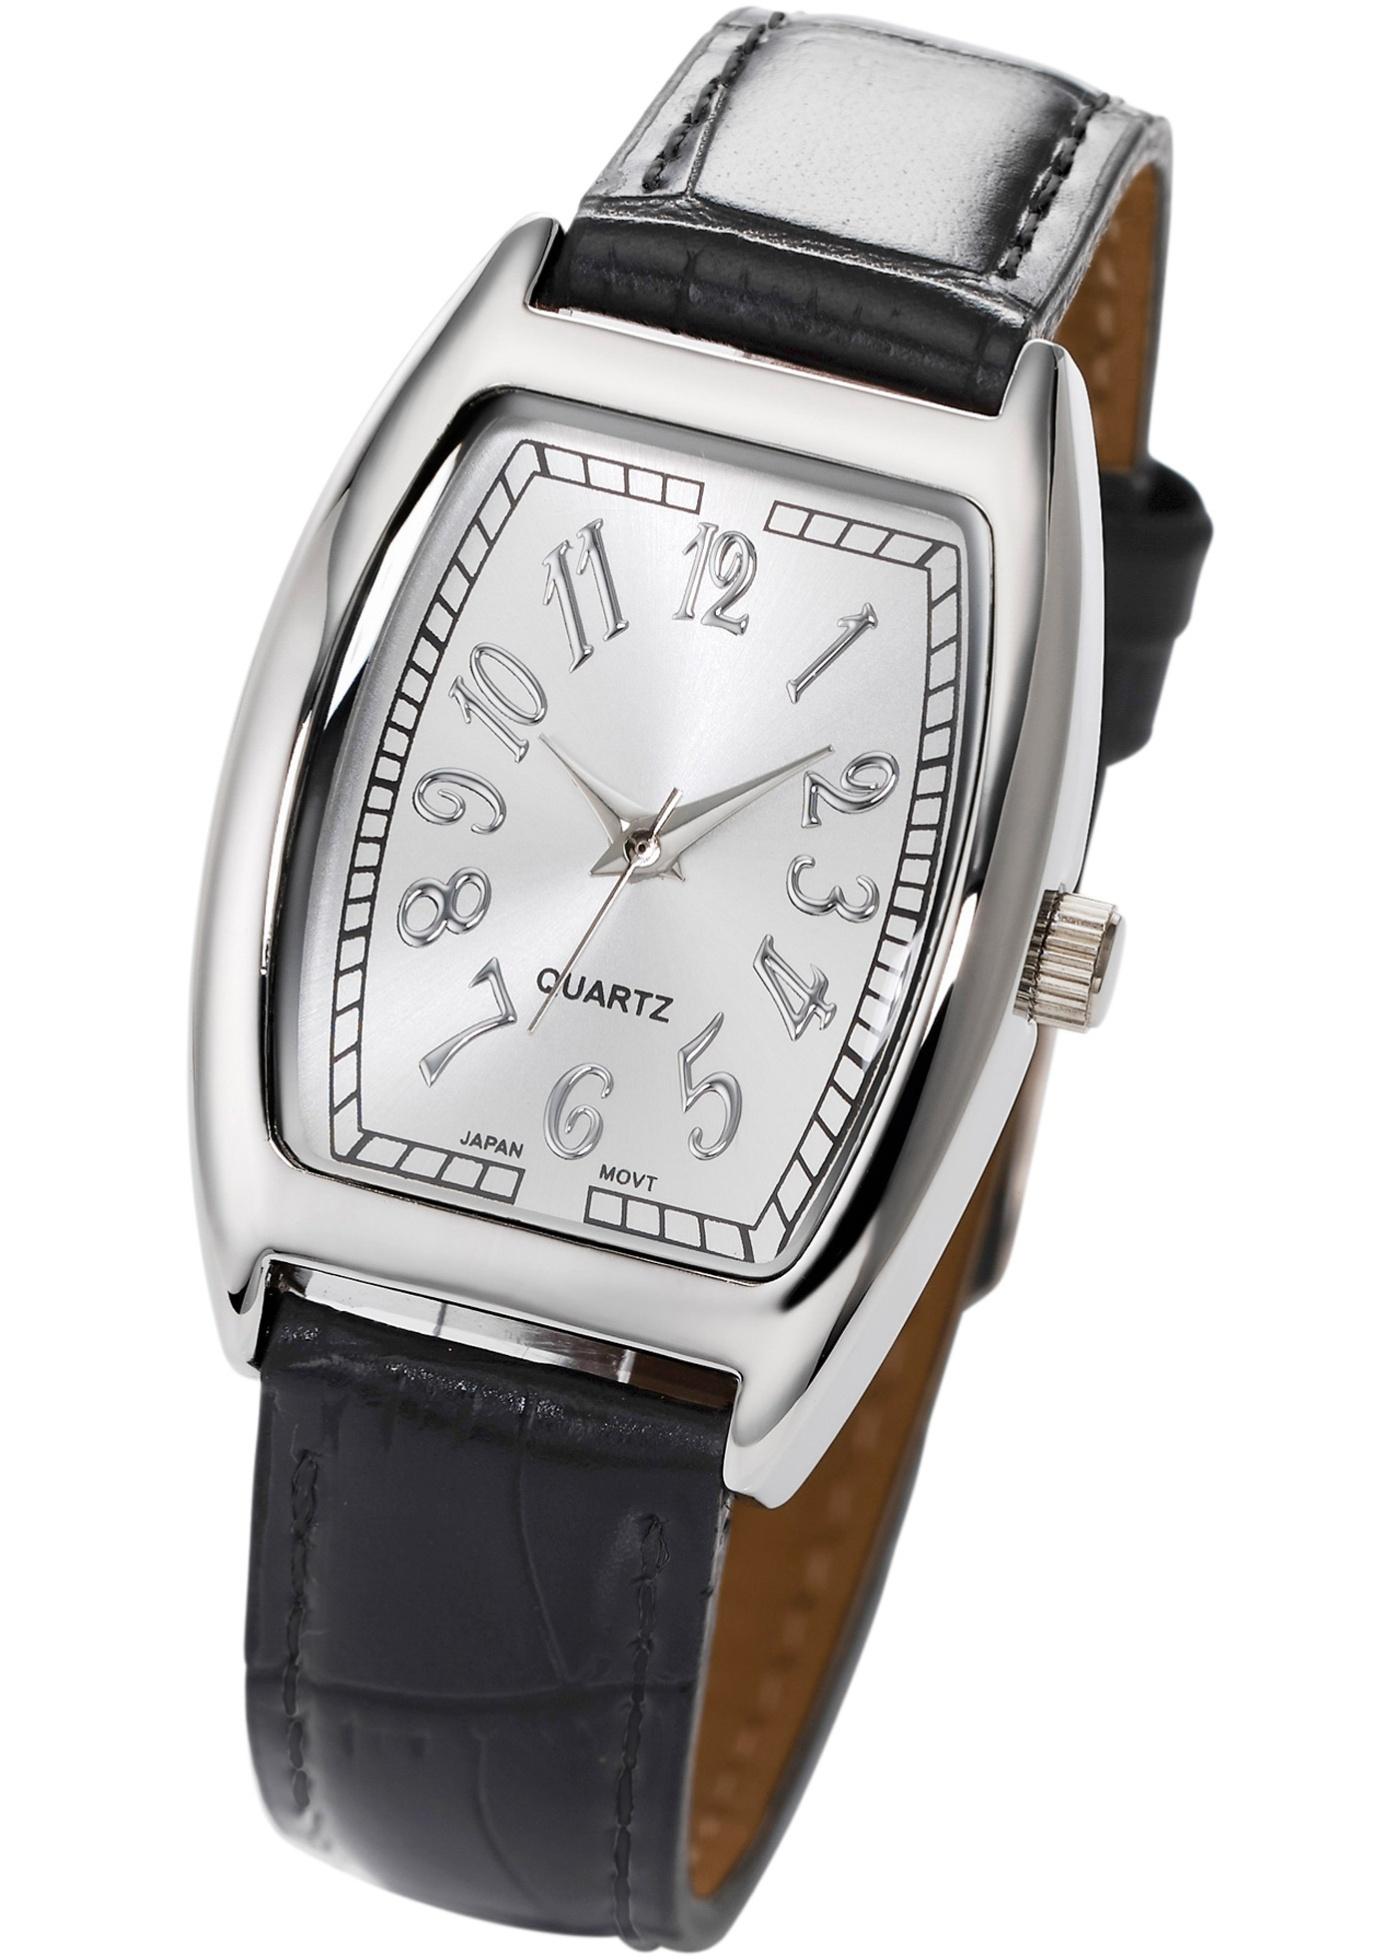 Cadran classique avec chiffres insolites et bracelet en imitation cuir croco pour un style original.